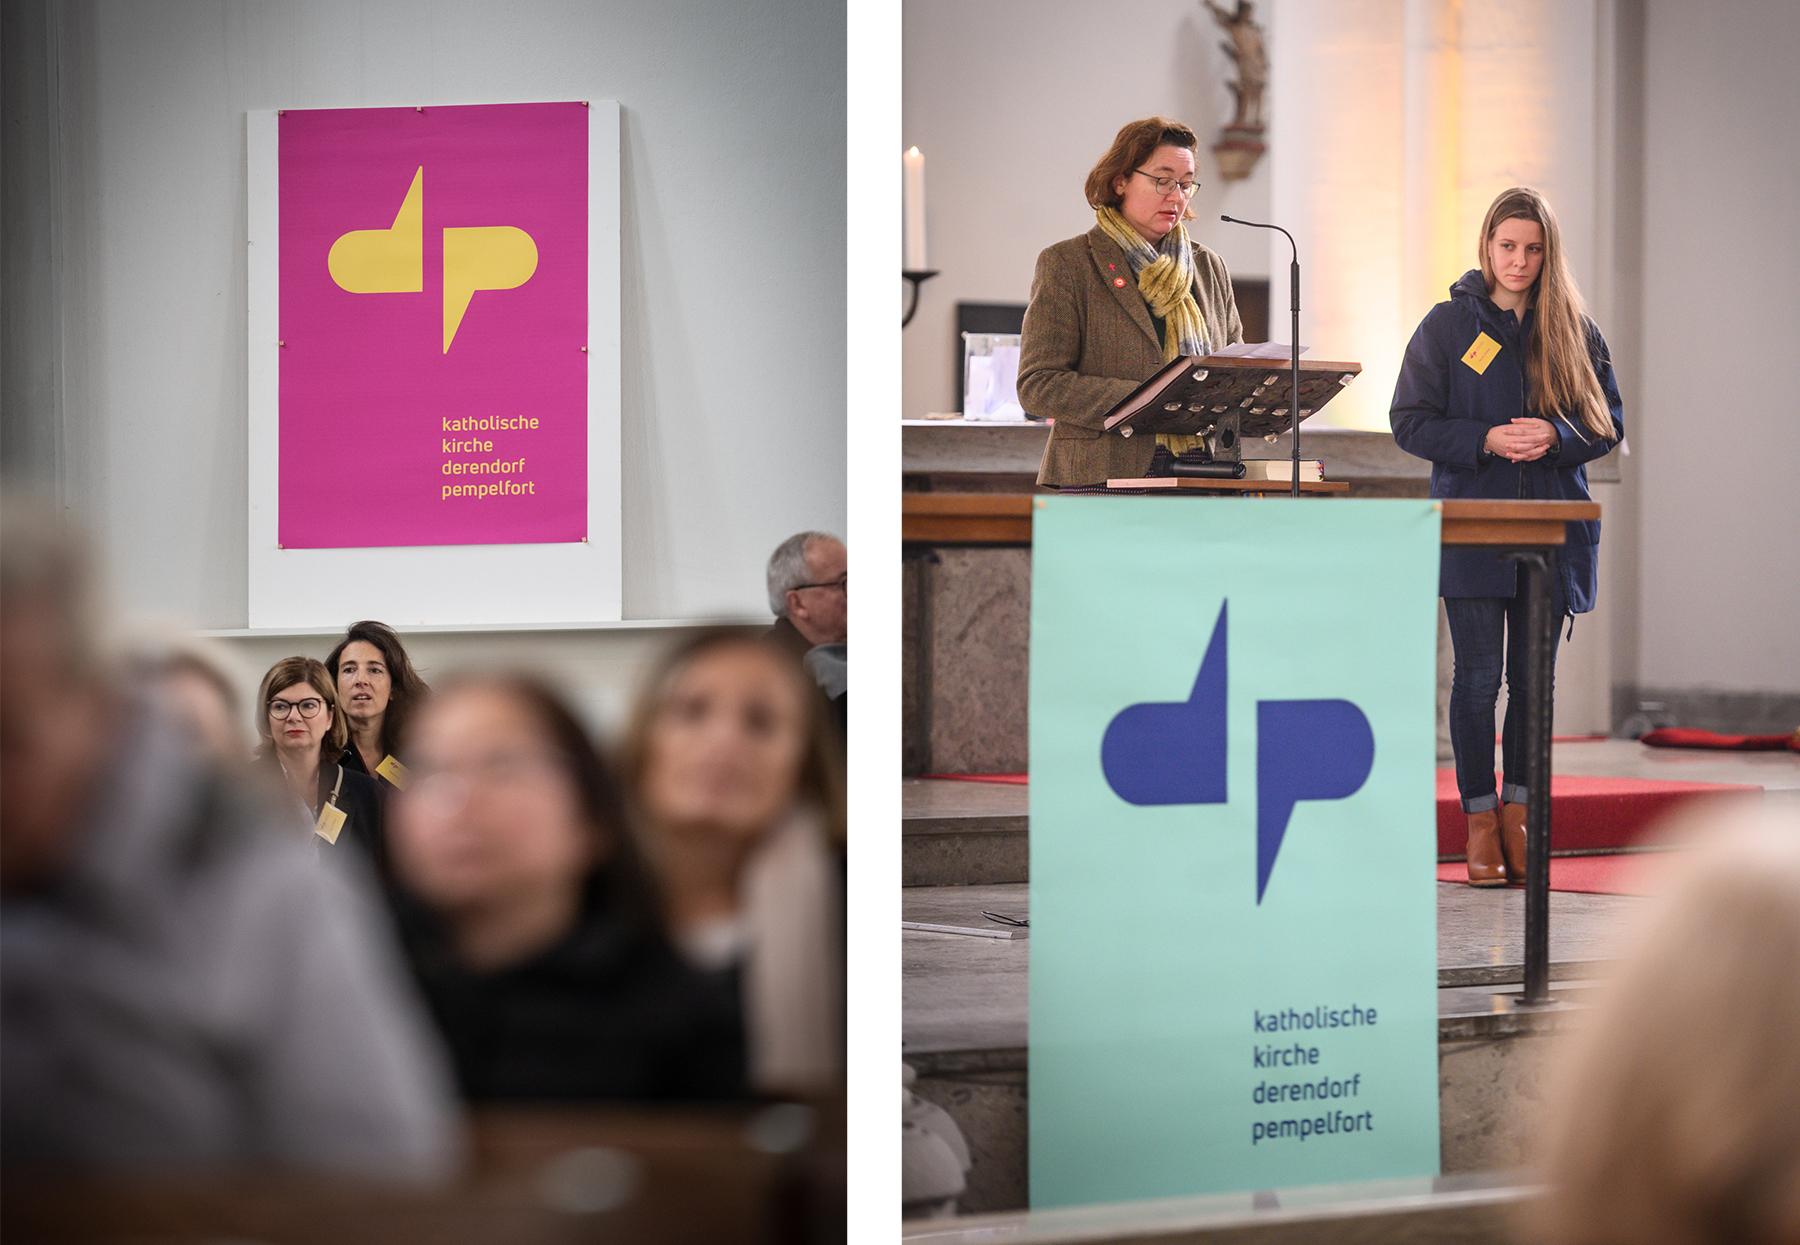 Katholische Kirchengemeinde Derendorf Pempelfort Düsseldorf wasbewegt-Team